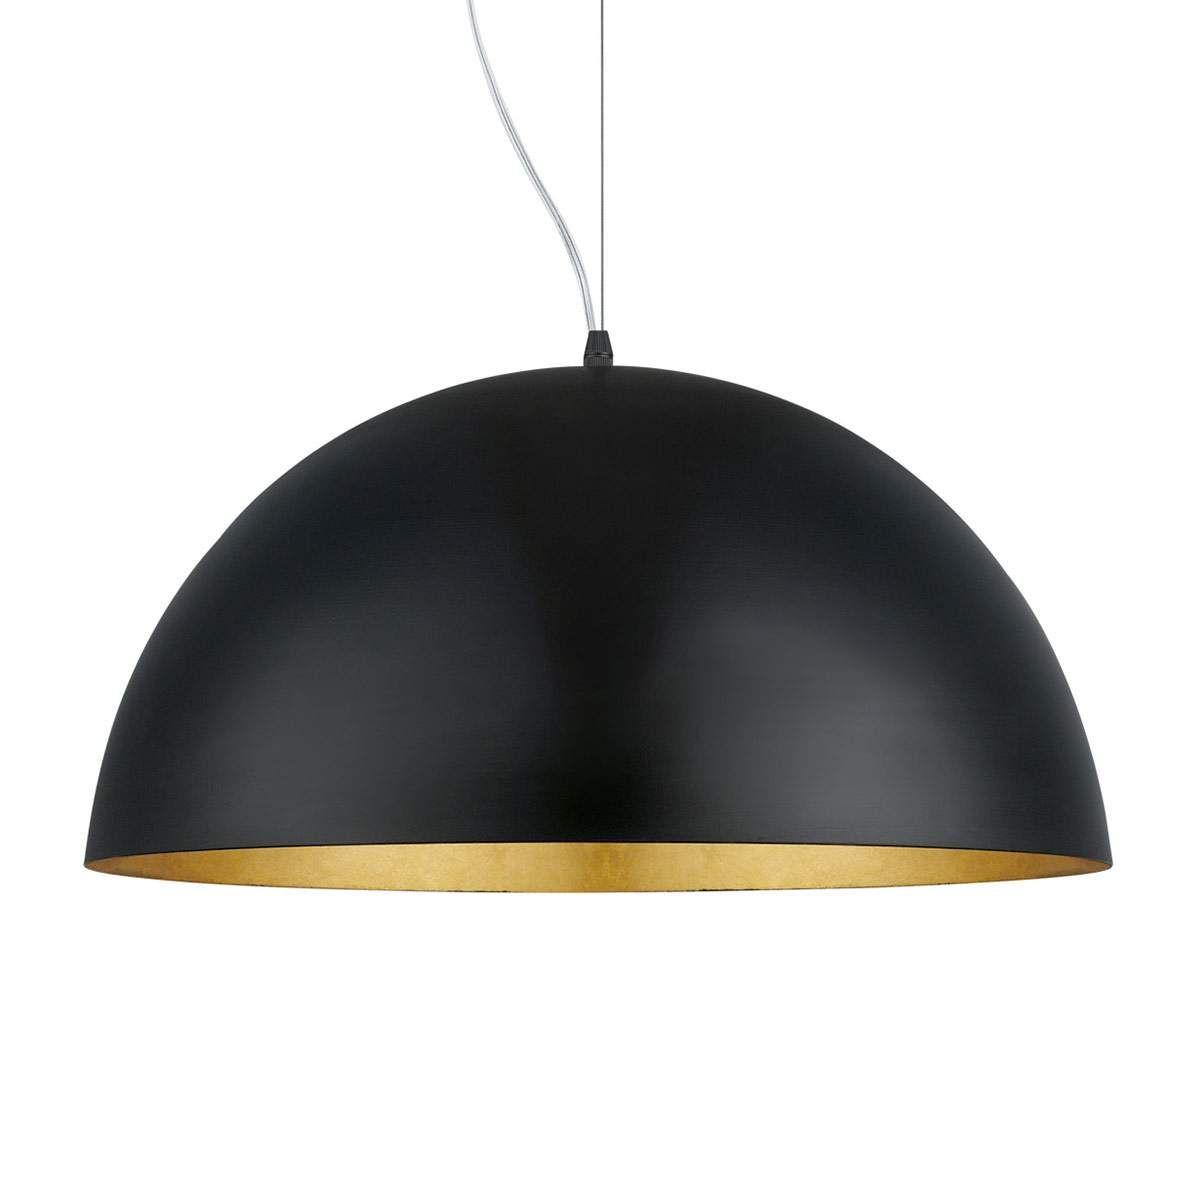 LED Decken Hänge Lampe schwarz Pendel Leuchte Wohn Ess Zimmer Strahler GOLD